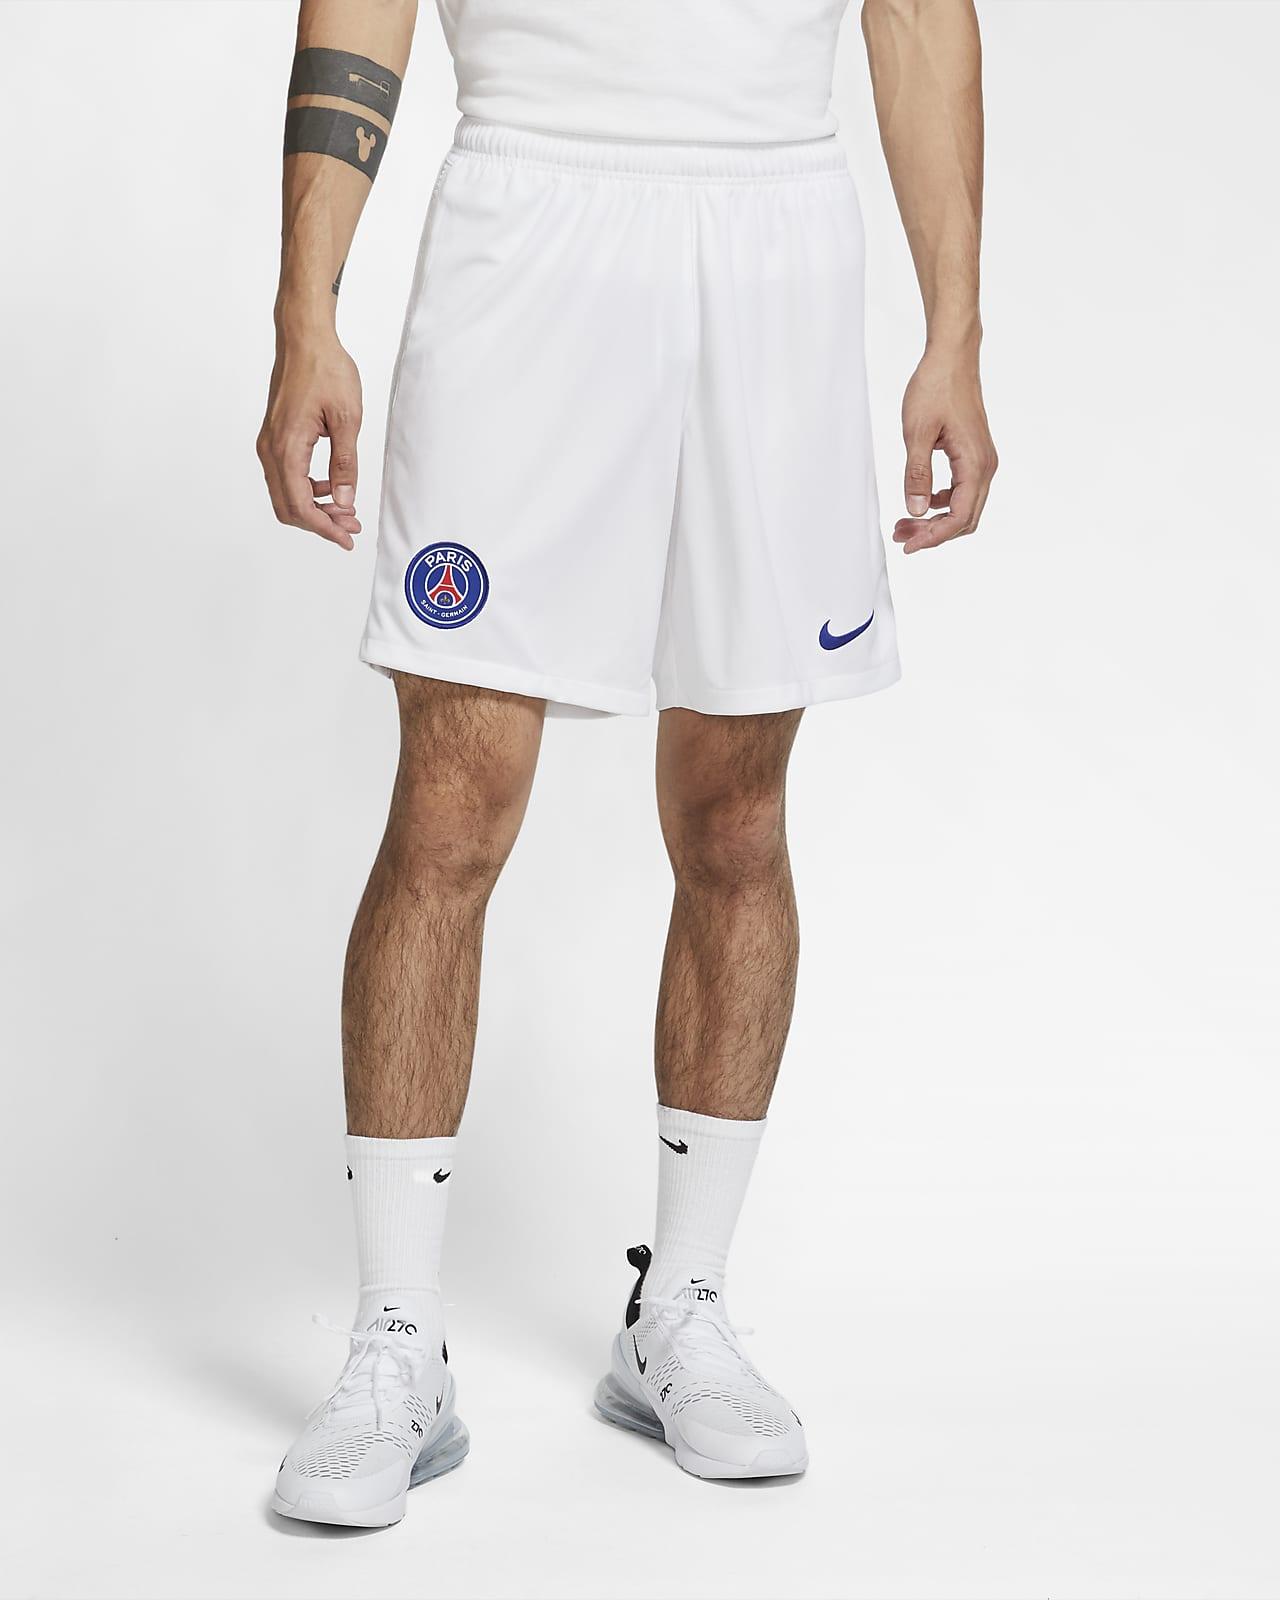 Paris Saint-Germain 2020/21 Stadium Thuis/Uit Voetbalshorts voor heren